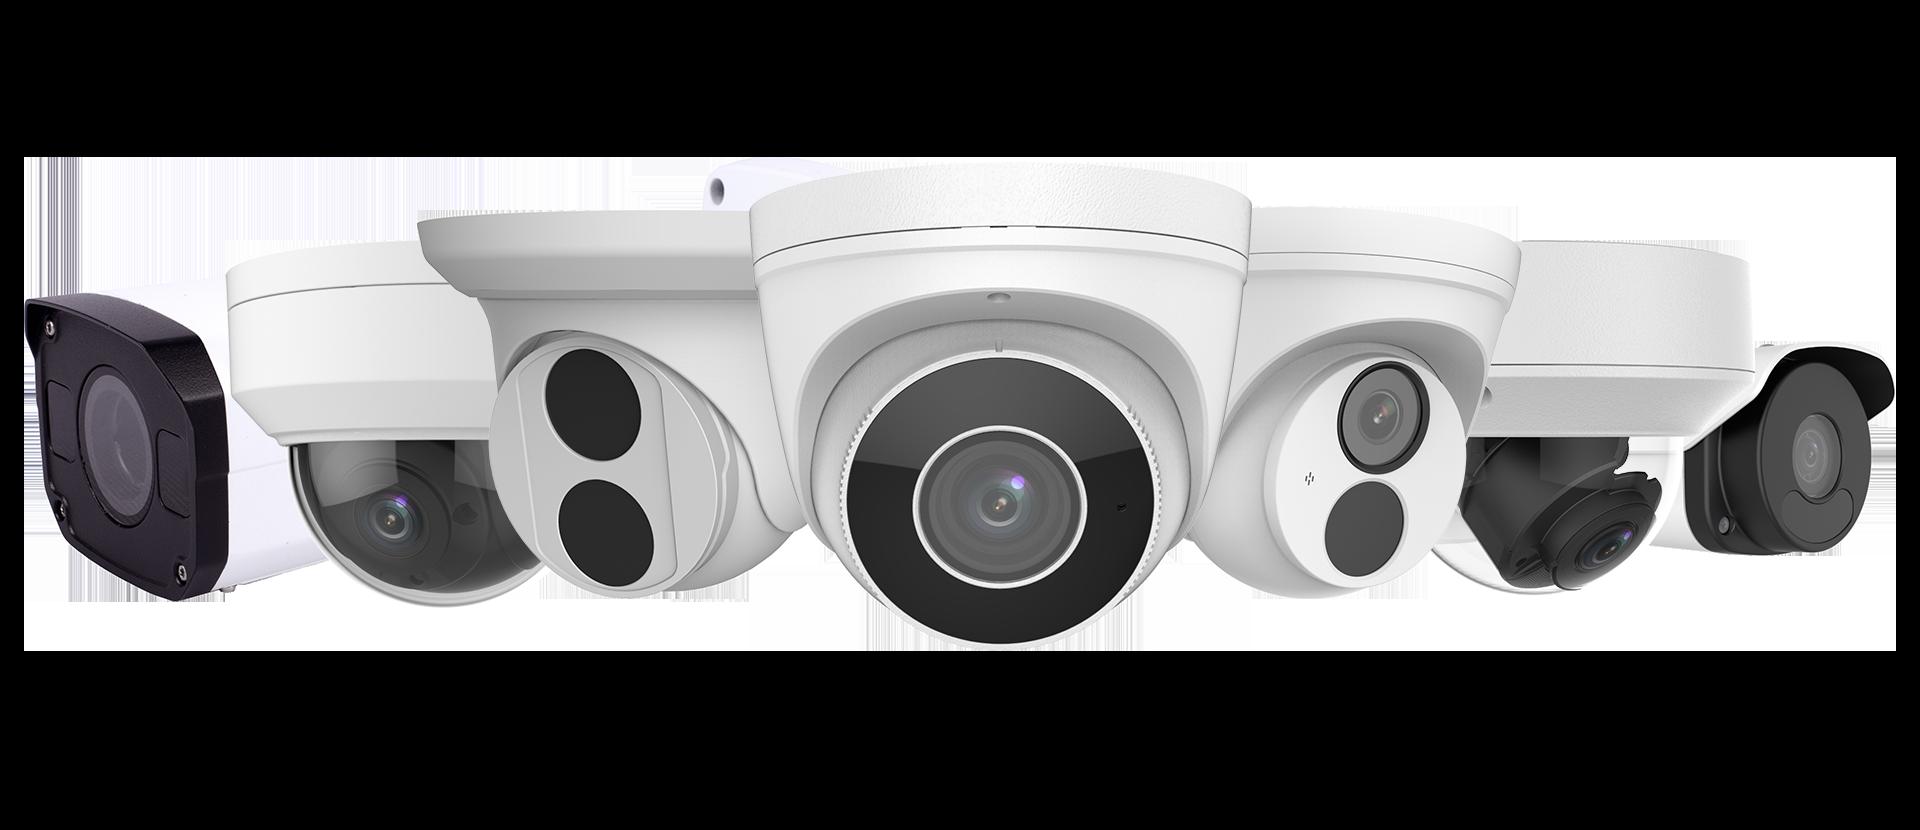 arcvue ip cameras